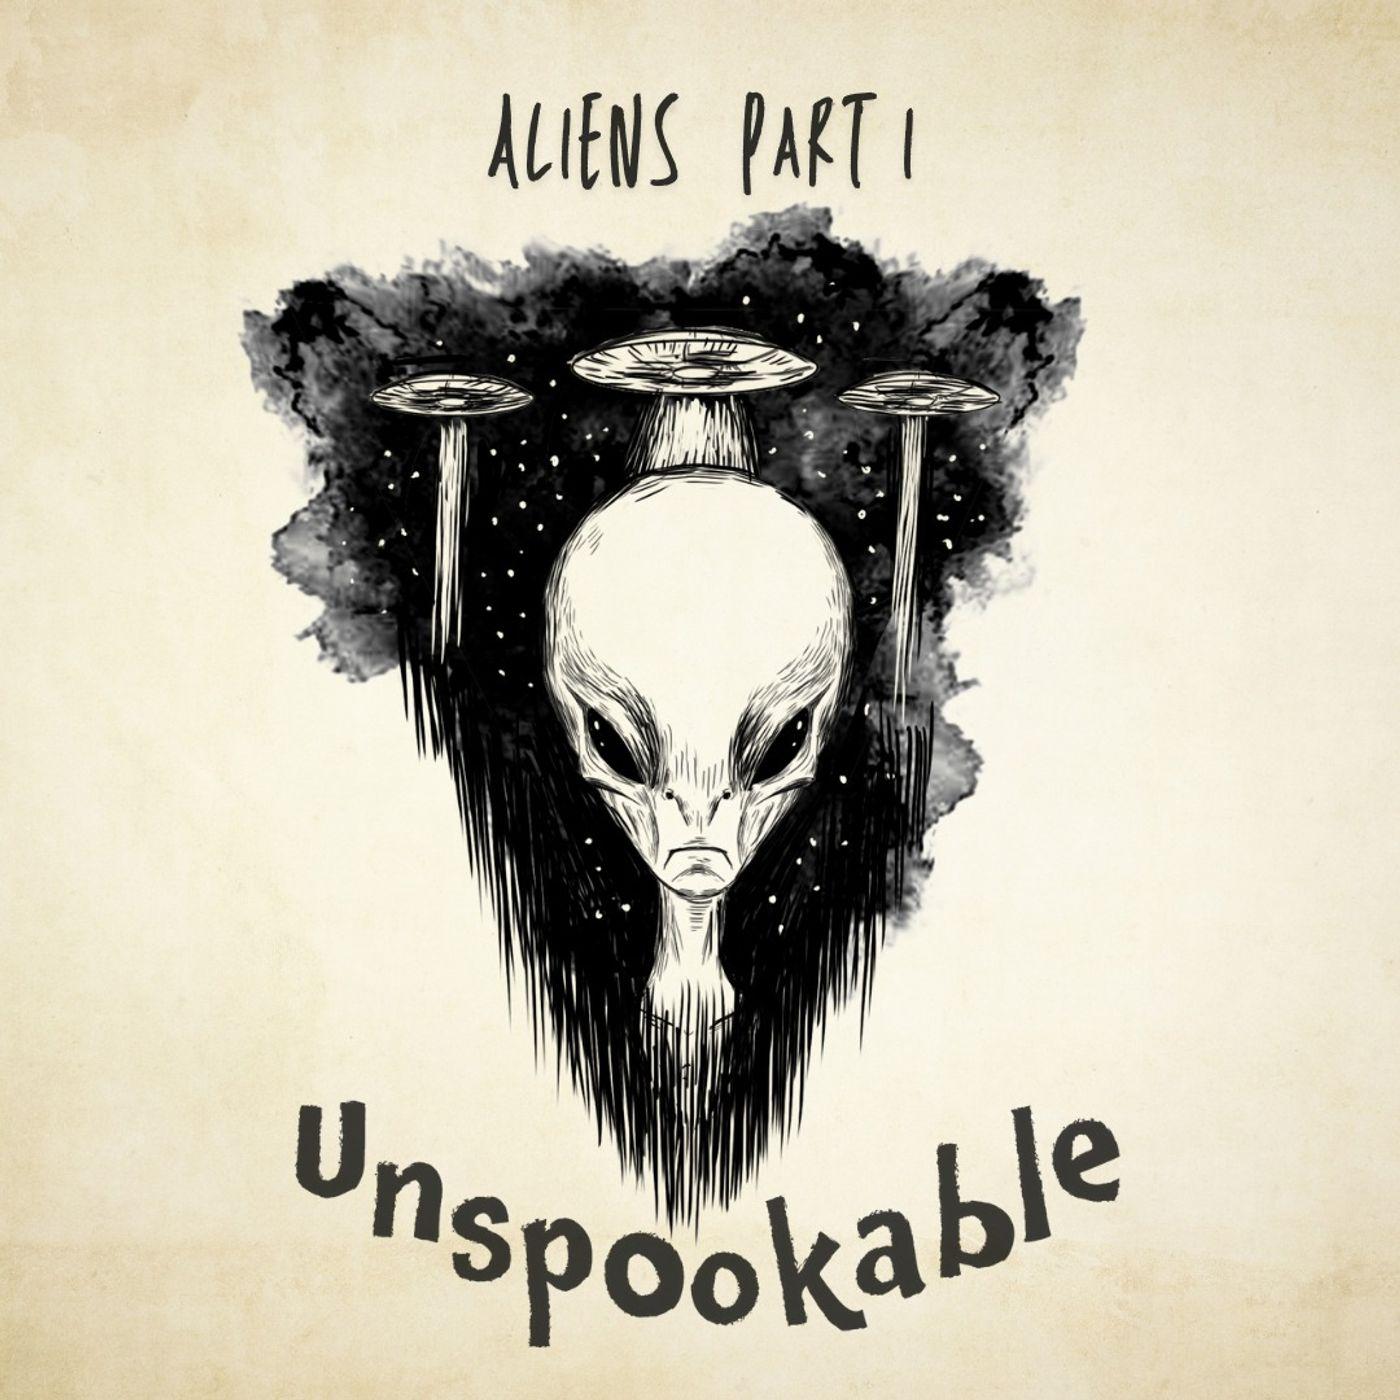 Episode 29: Aliens Part 1